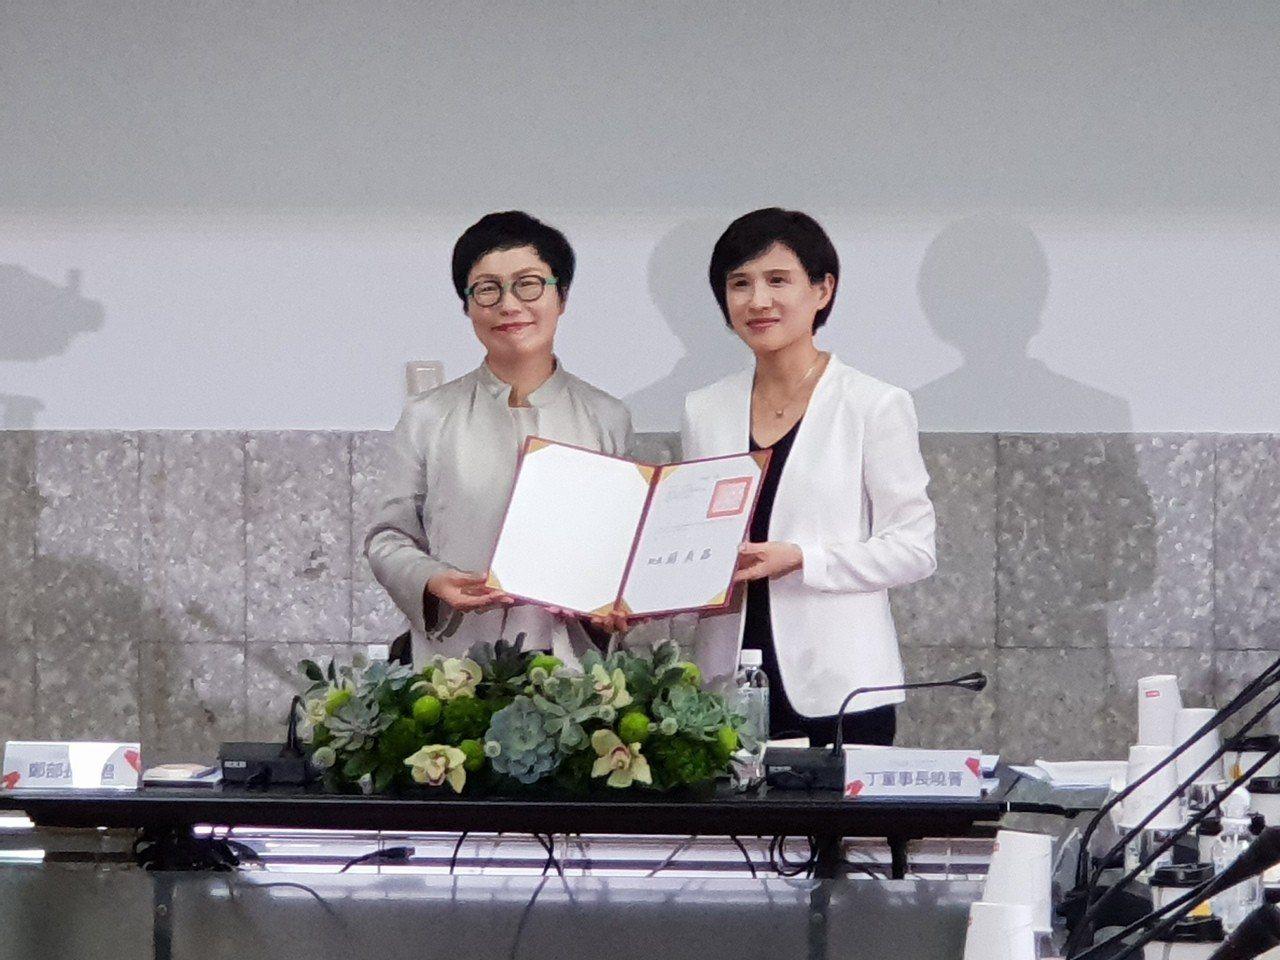 文化部長鄭麗君(右)頒發證書給文策院董事長丁曉菁。記者陳宛茜/攝影